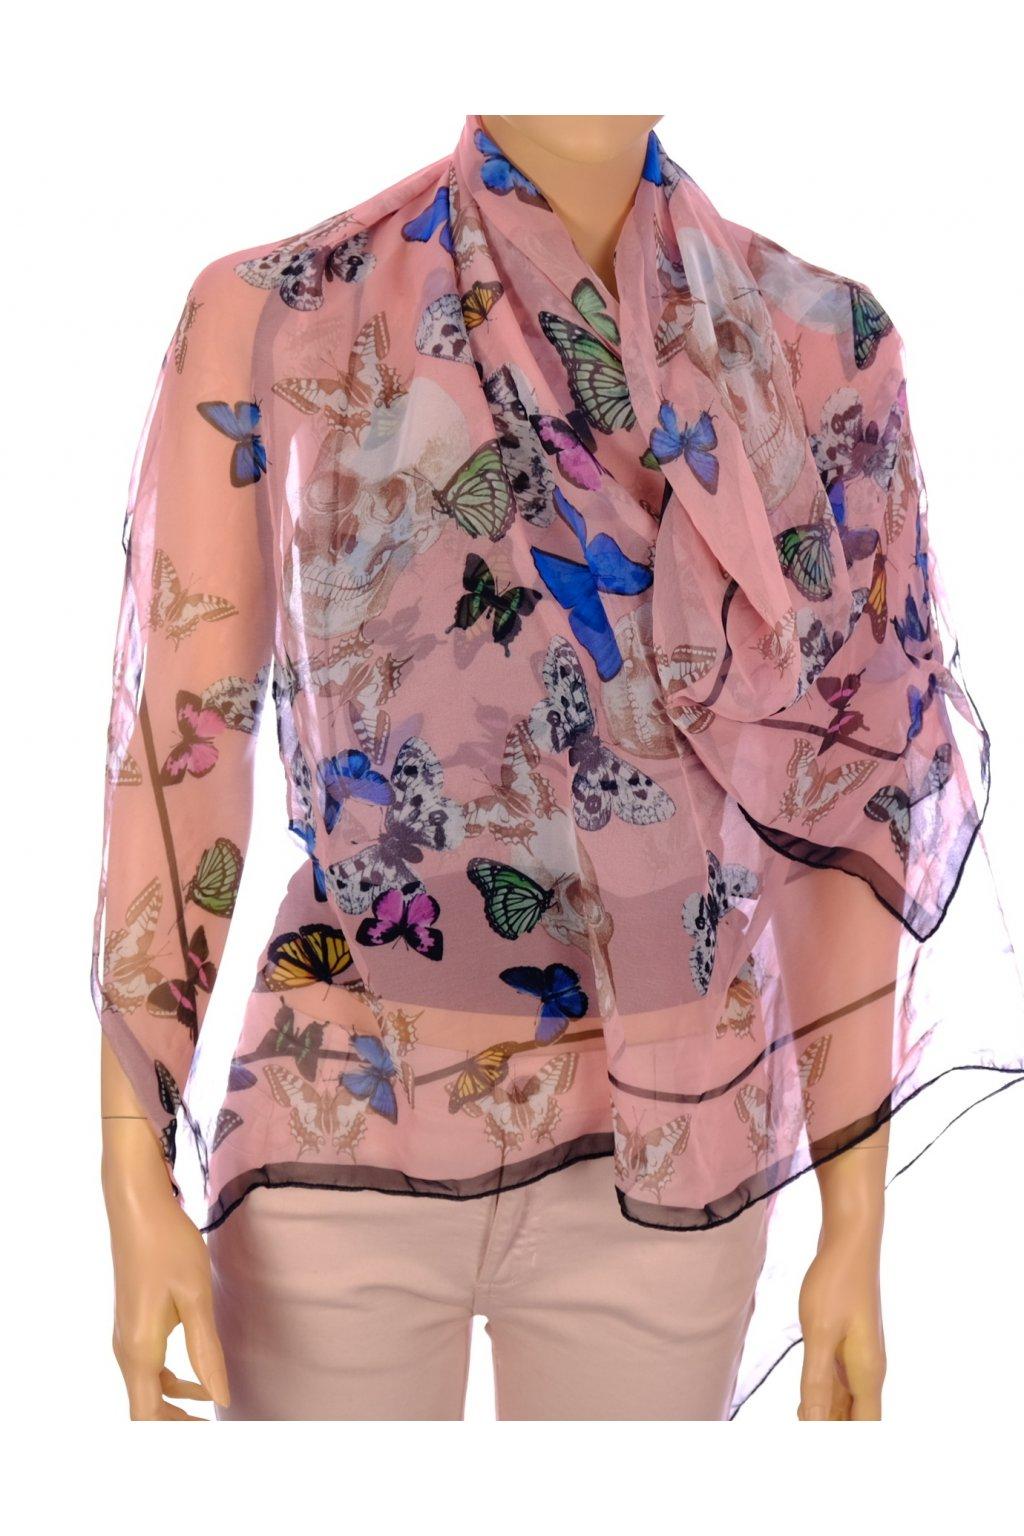 Šátek růžový s motýly a lebkami